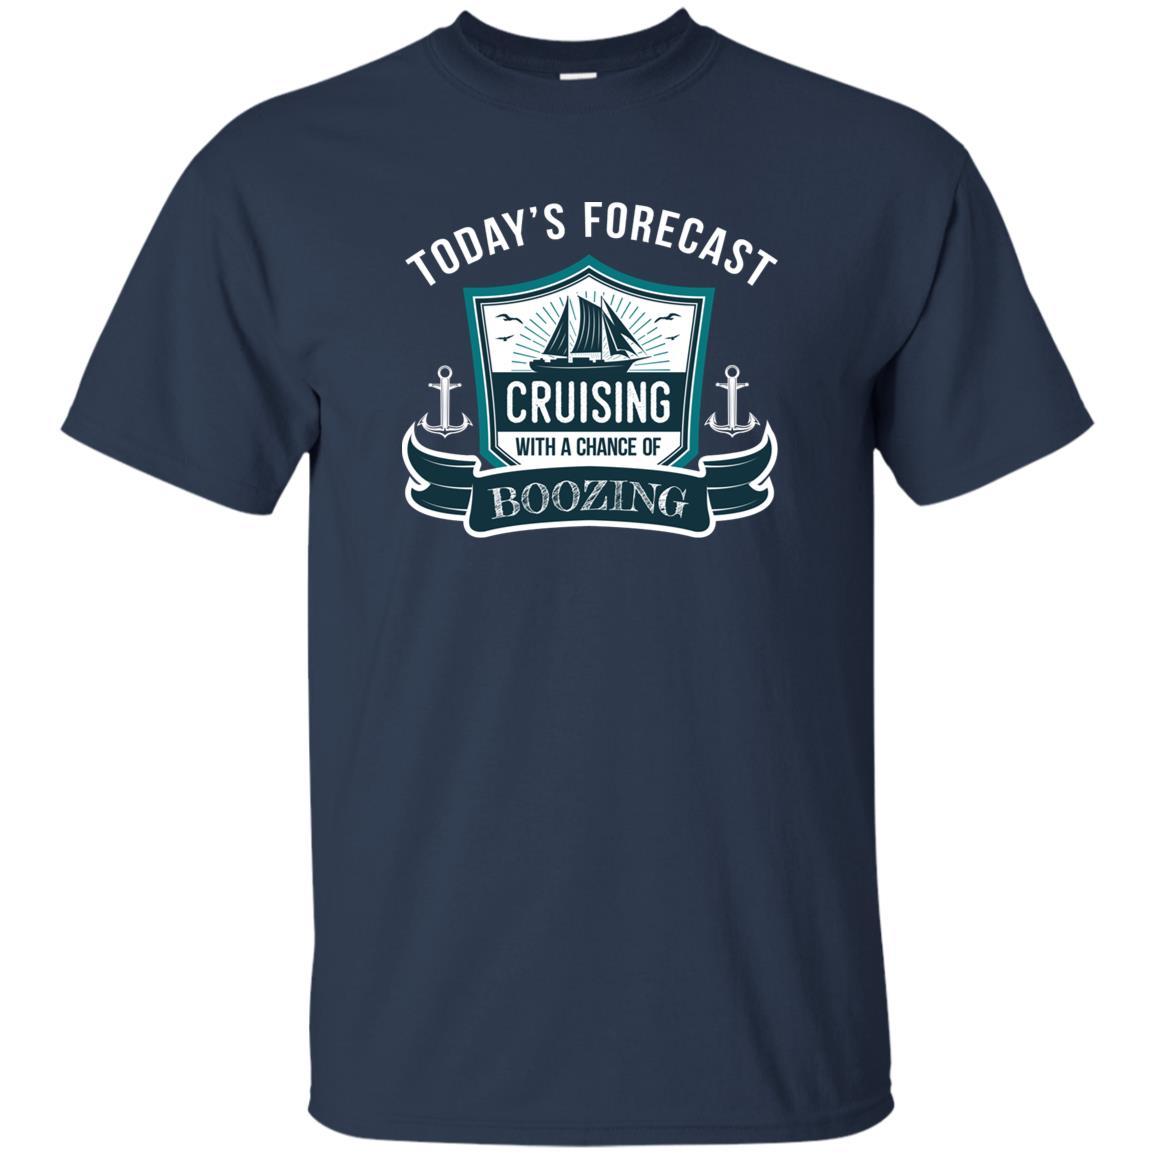 Cruise Funny Group Cruise Ship Tees Unisex Short Sleeve